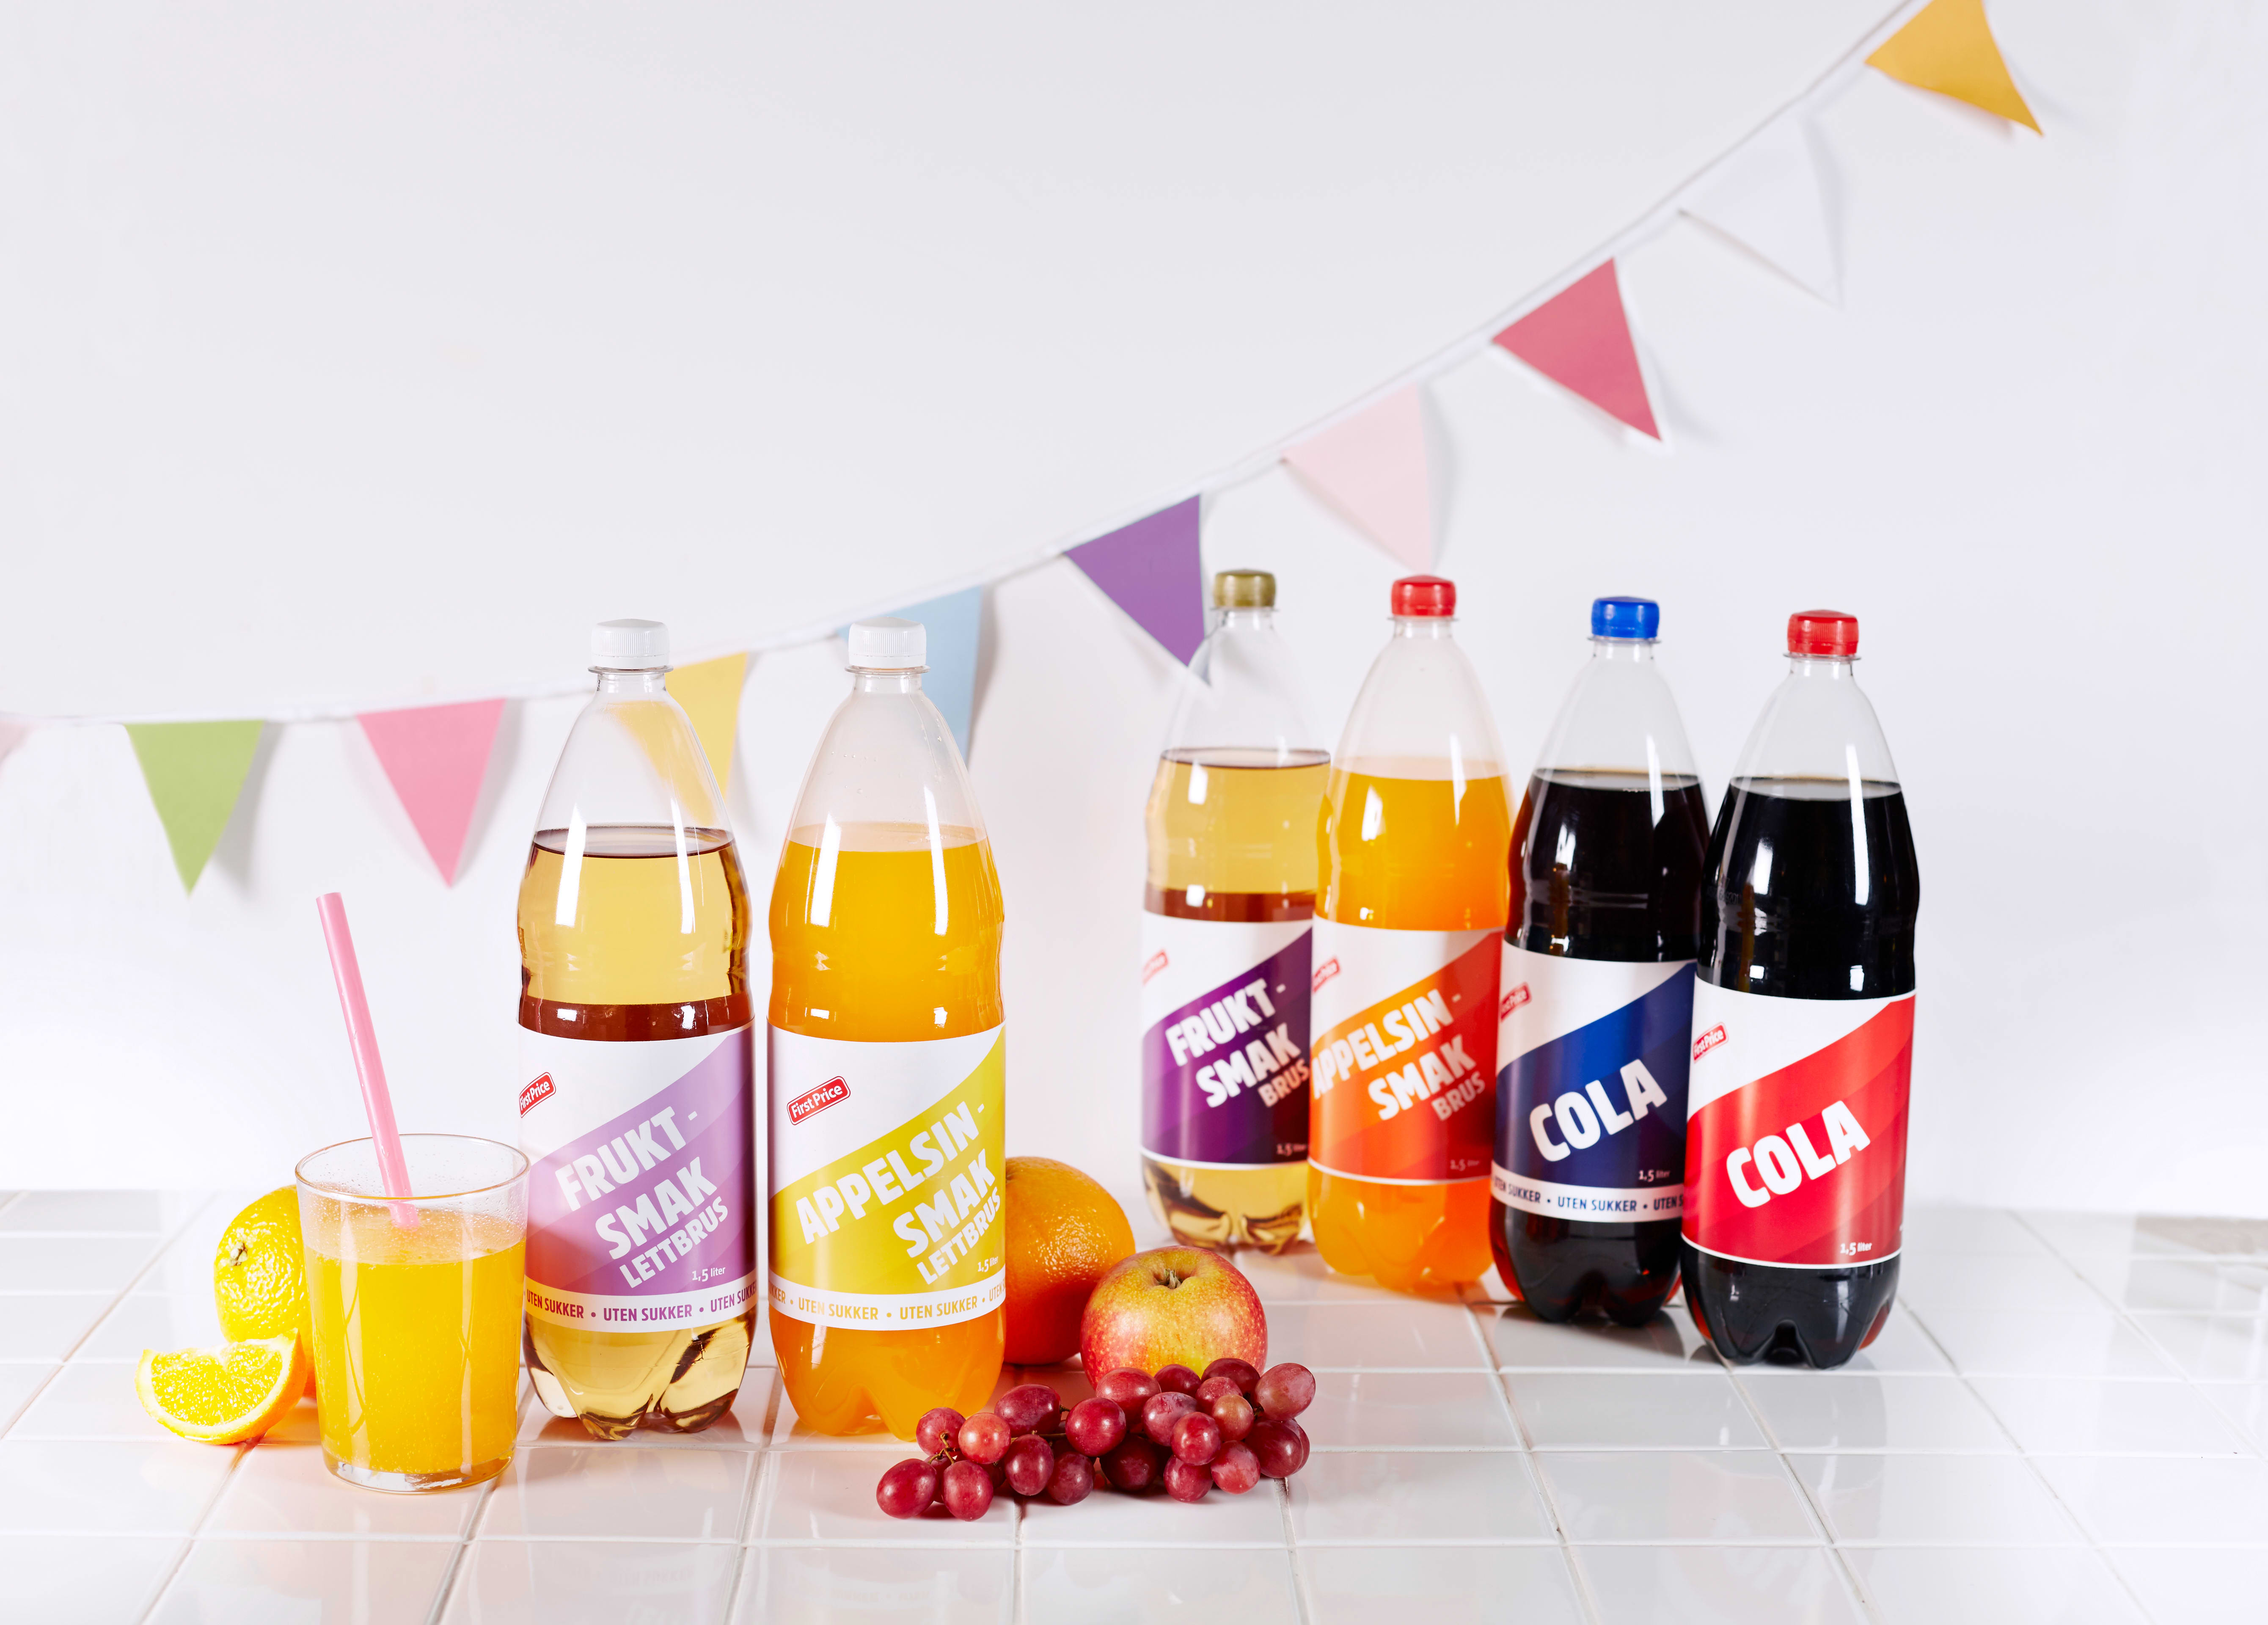 Vi har også fjernet 5 % sukker fra den originale First Price-brusen, i tillegg har vi helt sukkerfrie alternativer av alle tre variantene: Cola, fruktbrus og appelsinbrus.